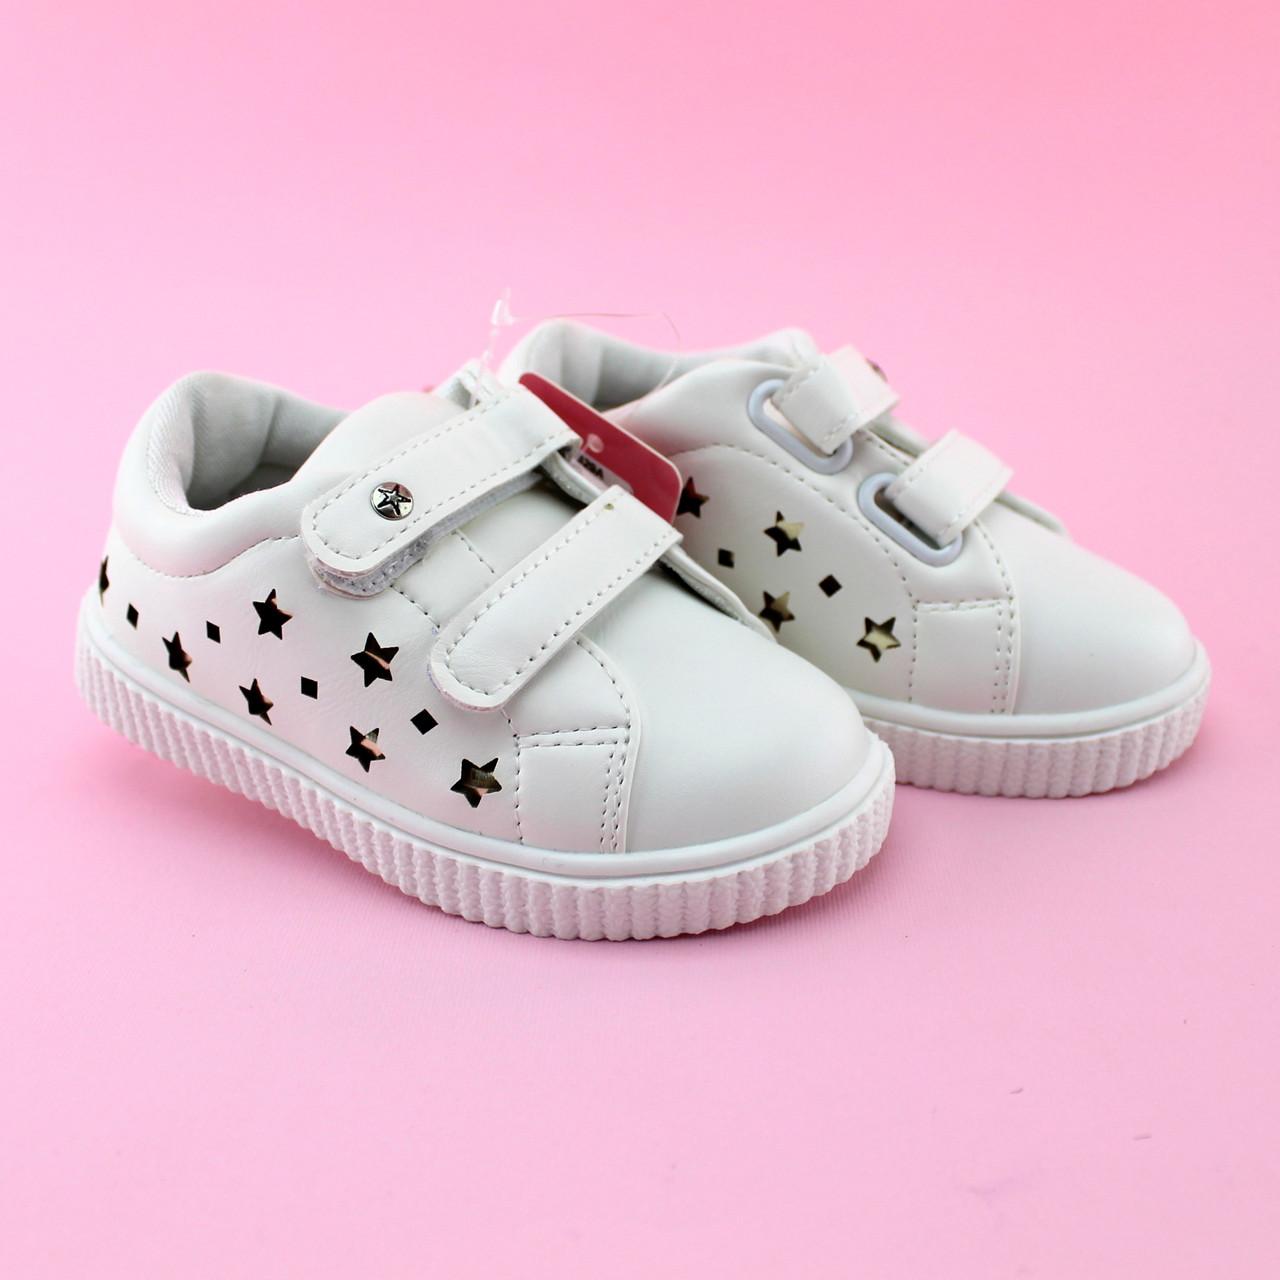 58a32d4fa Белые кроссовки Слипоны девочке тм Том.м размер 23,25, цена 363 грн ...